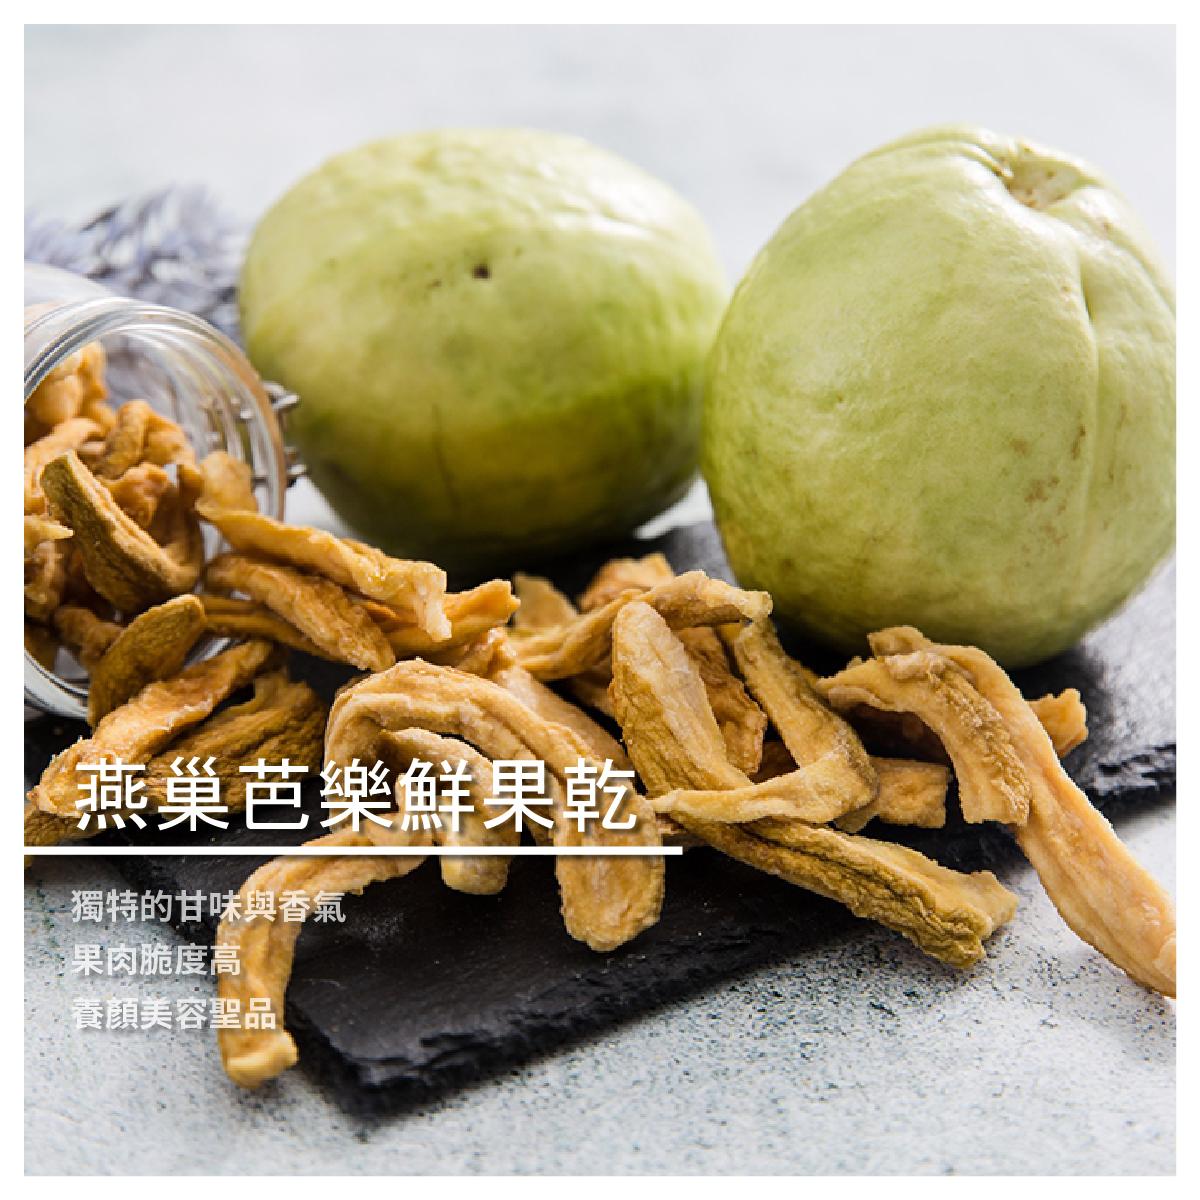 【曠野文農】燕巢芭樂鮮果乾 170g/包